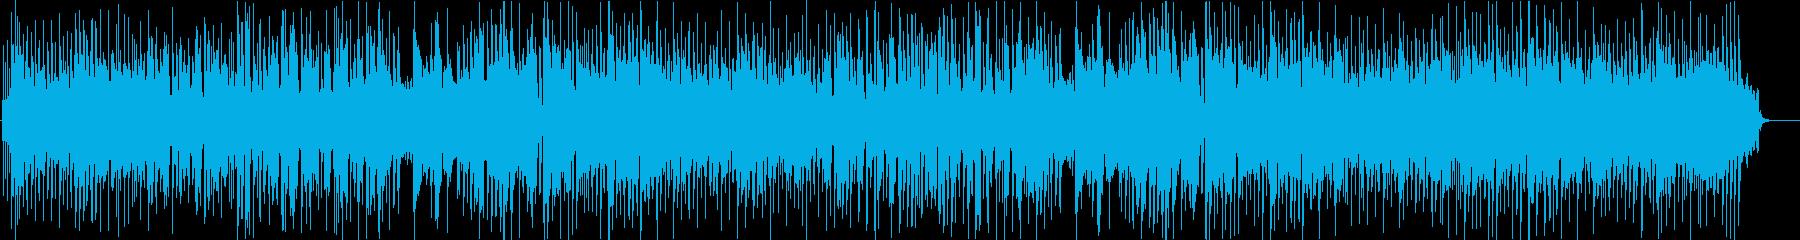 ウキウキ楽しいシャッフル系の80sポップの再生済みの波形